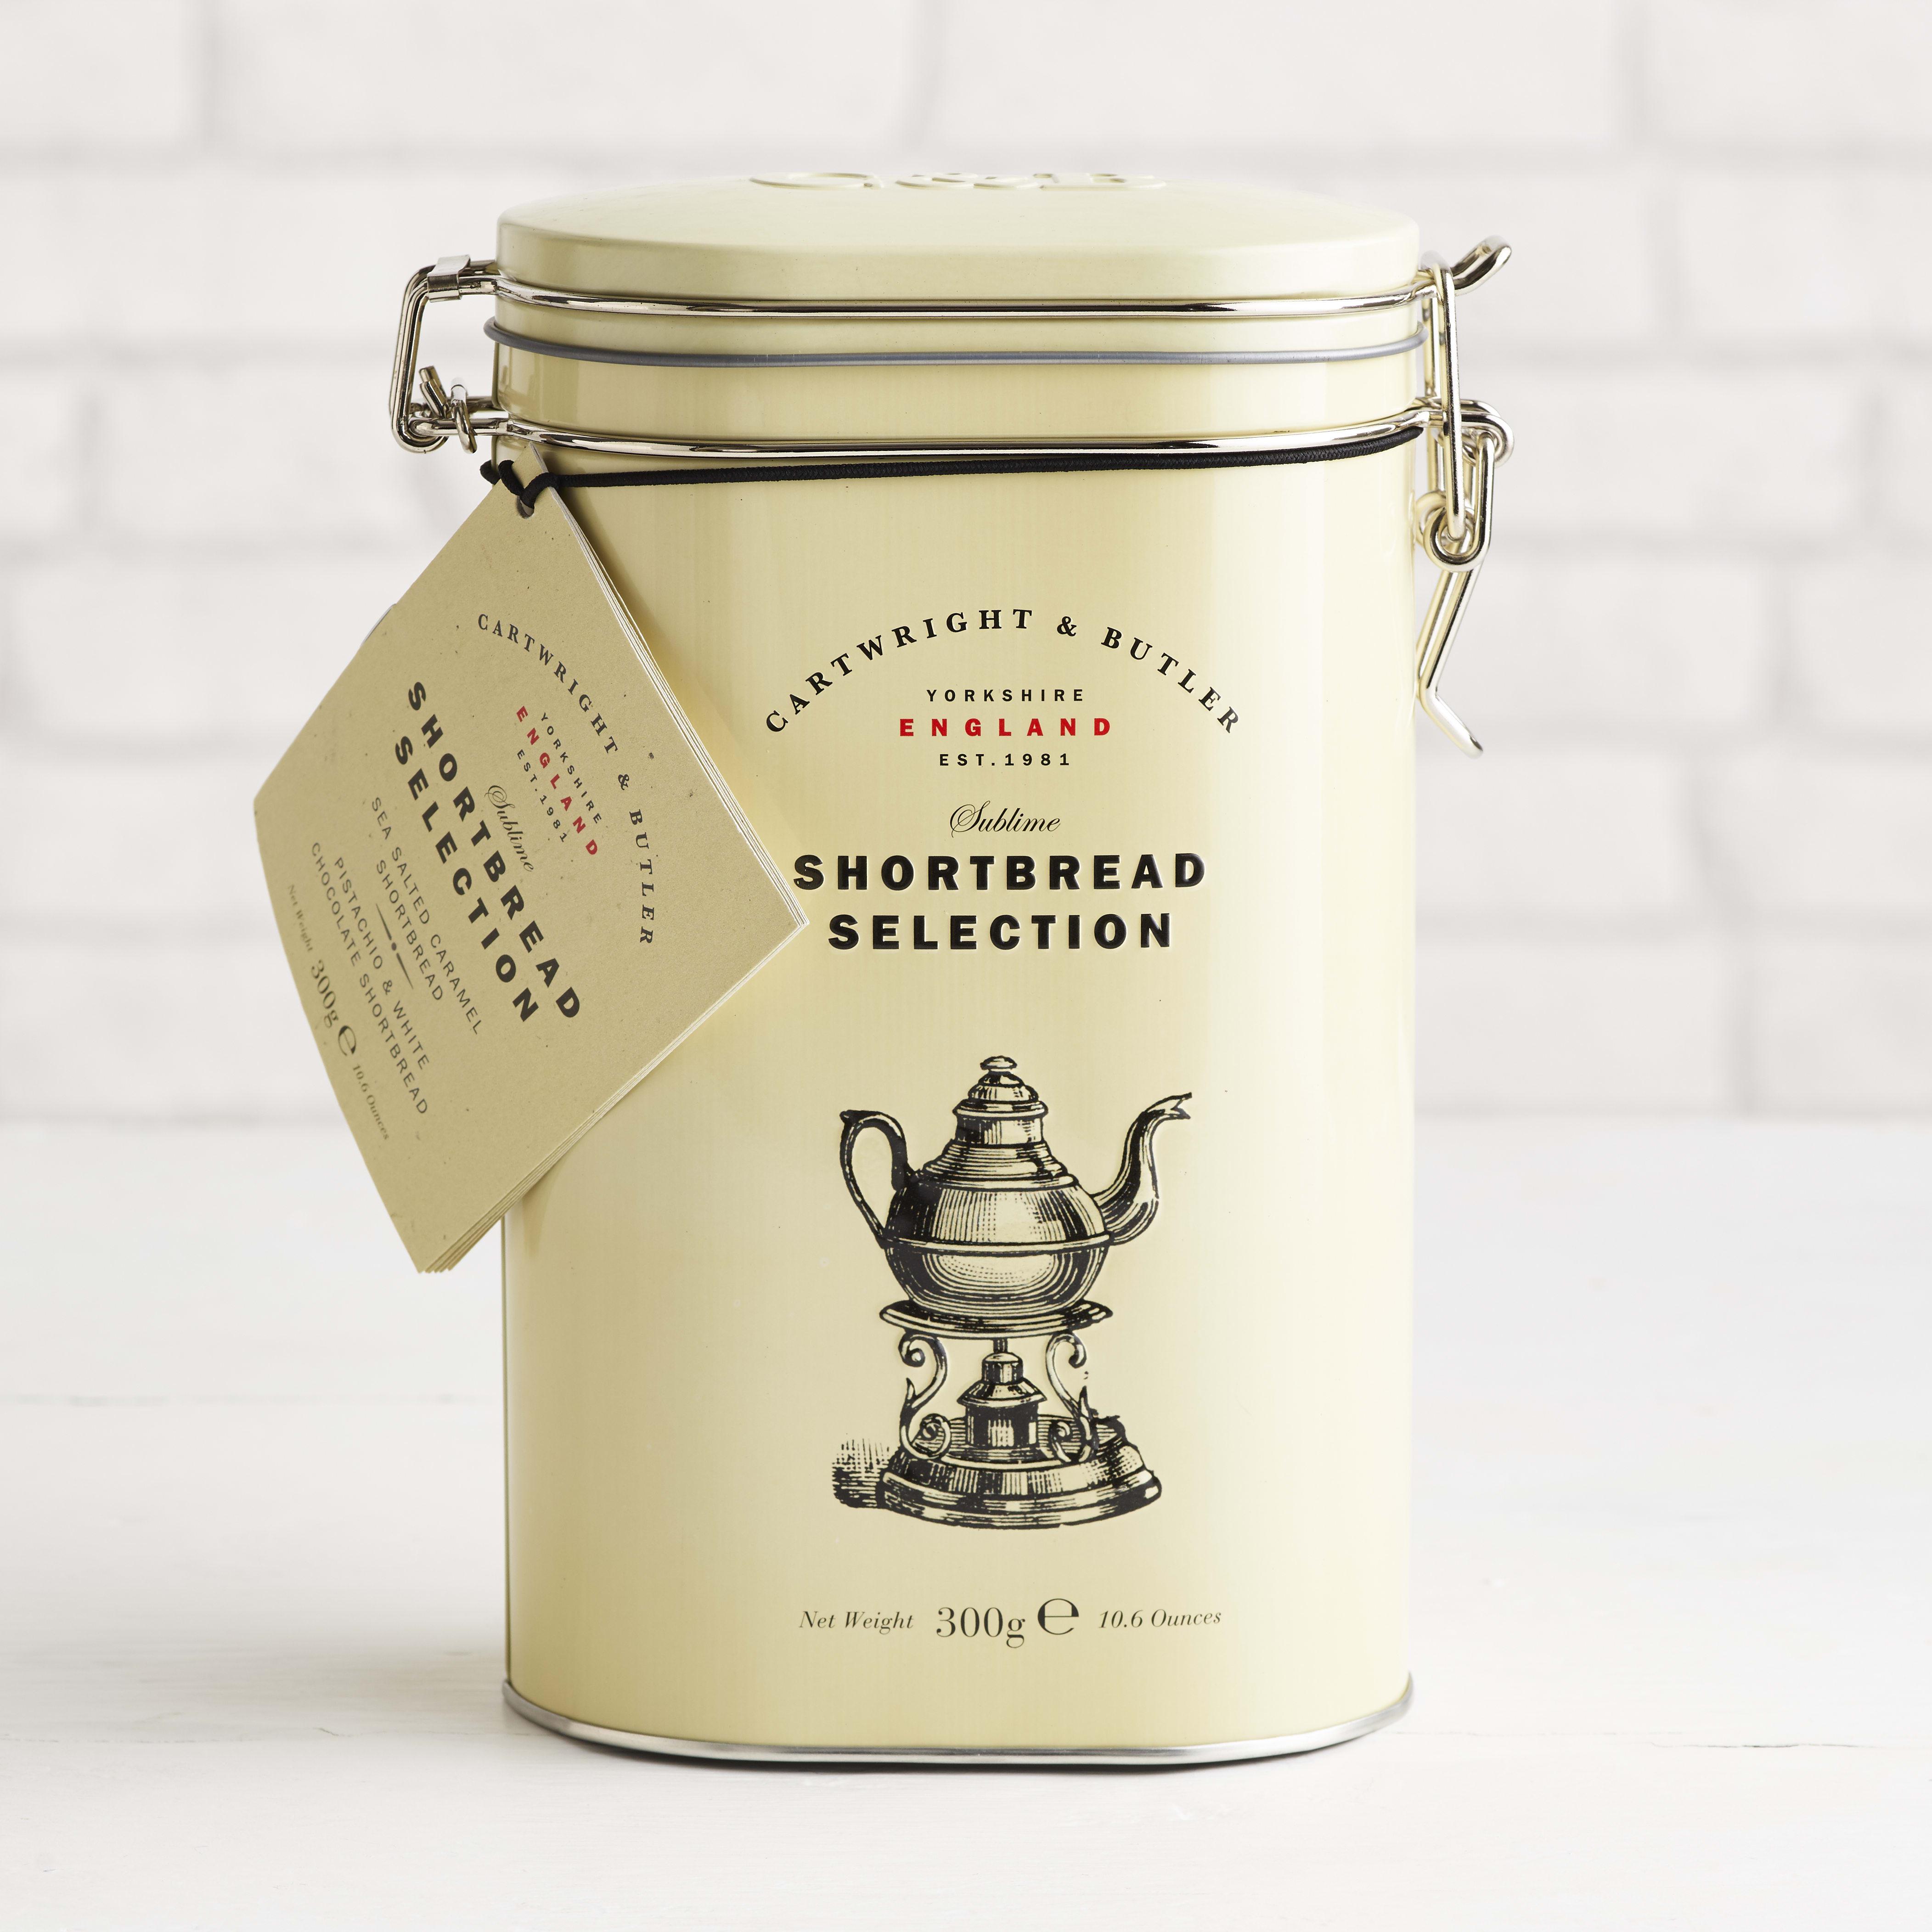 Cartwright & Butler Shortbread Selection, 300g